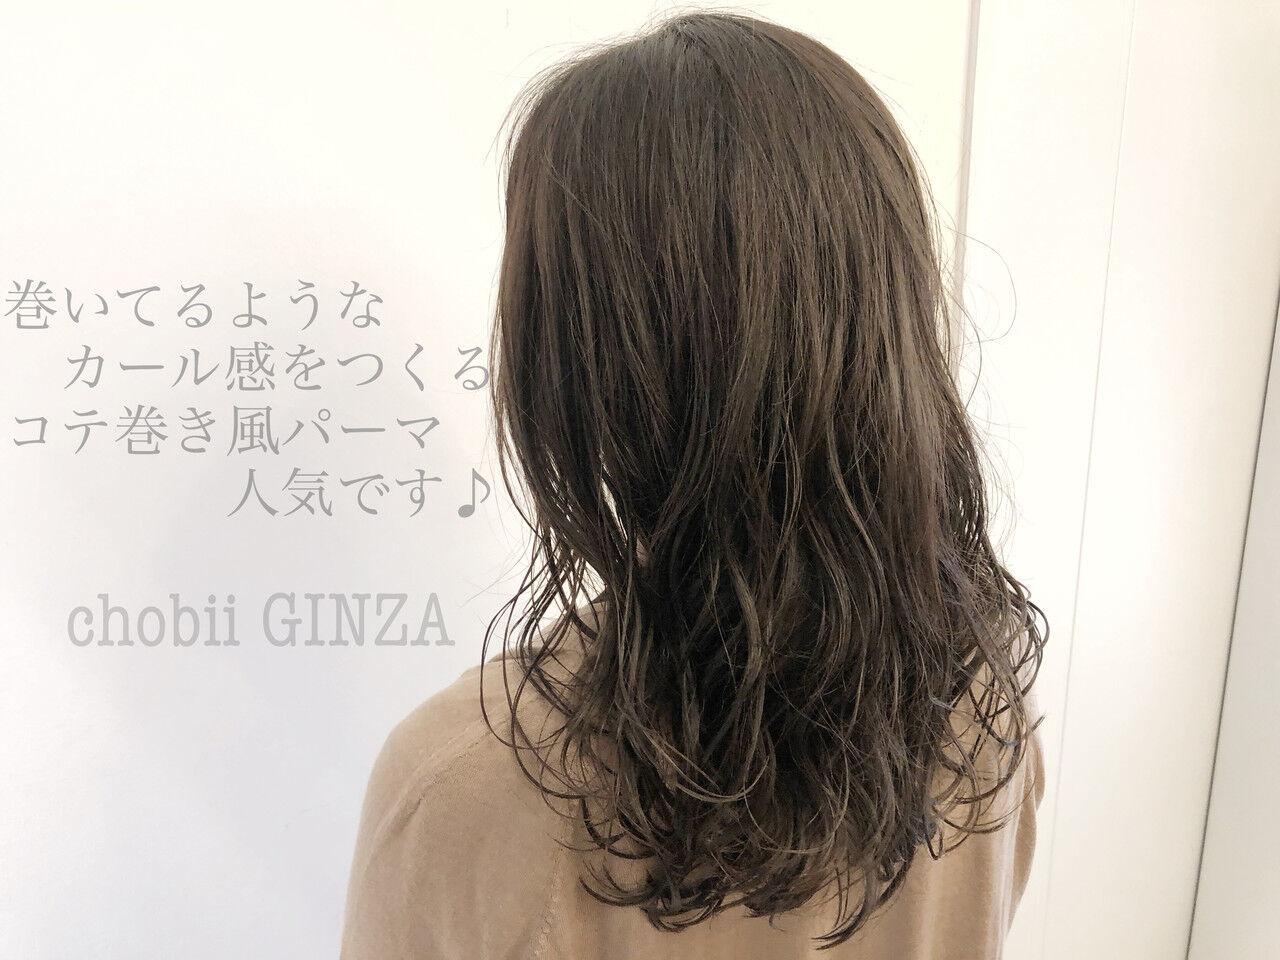 ナチュラル ロング ゆるふわパーマ ヘアスタイルヘアスタイルや髪型の写真・画像